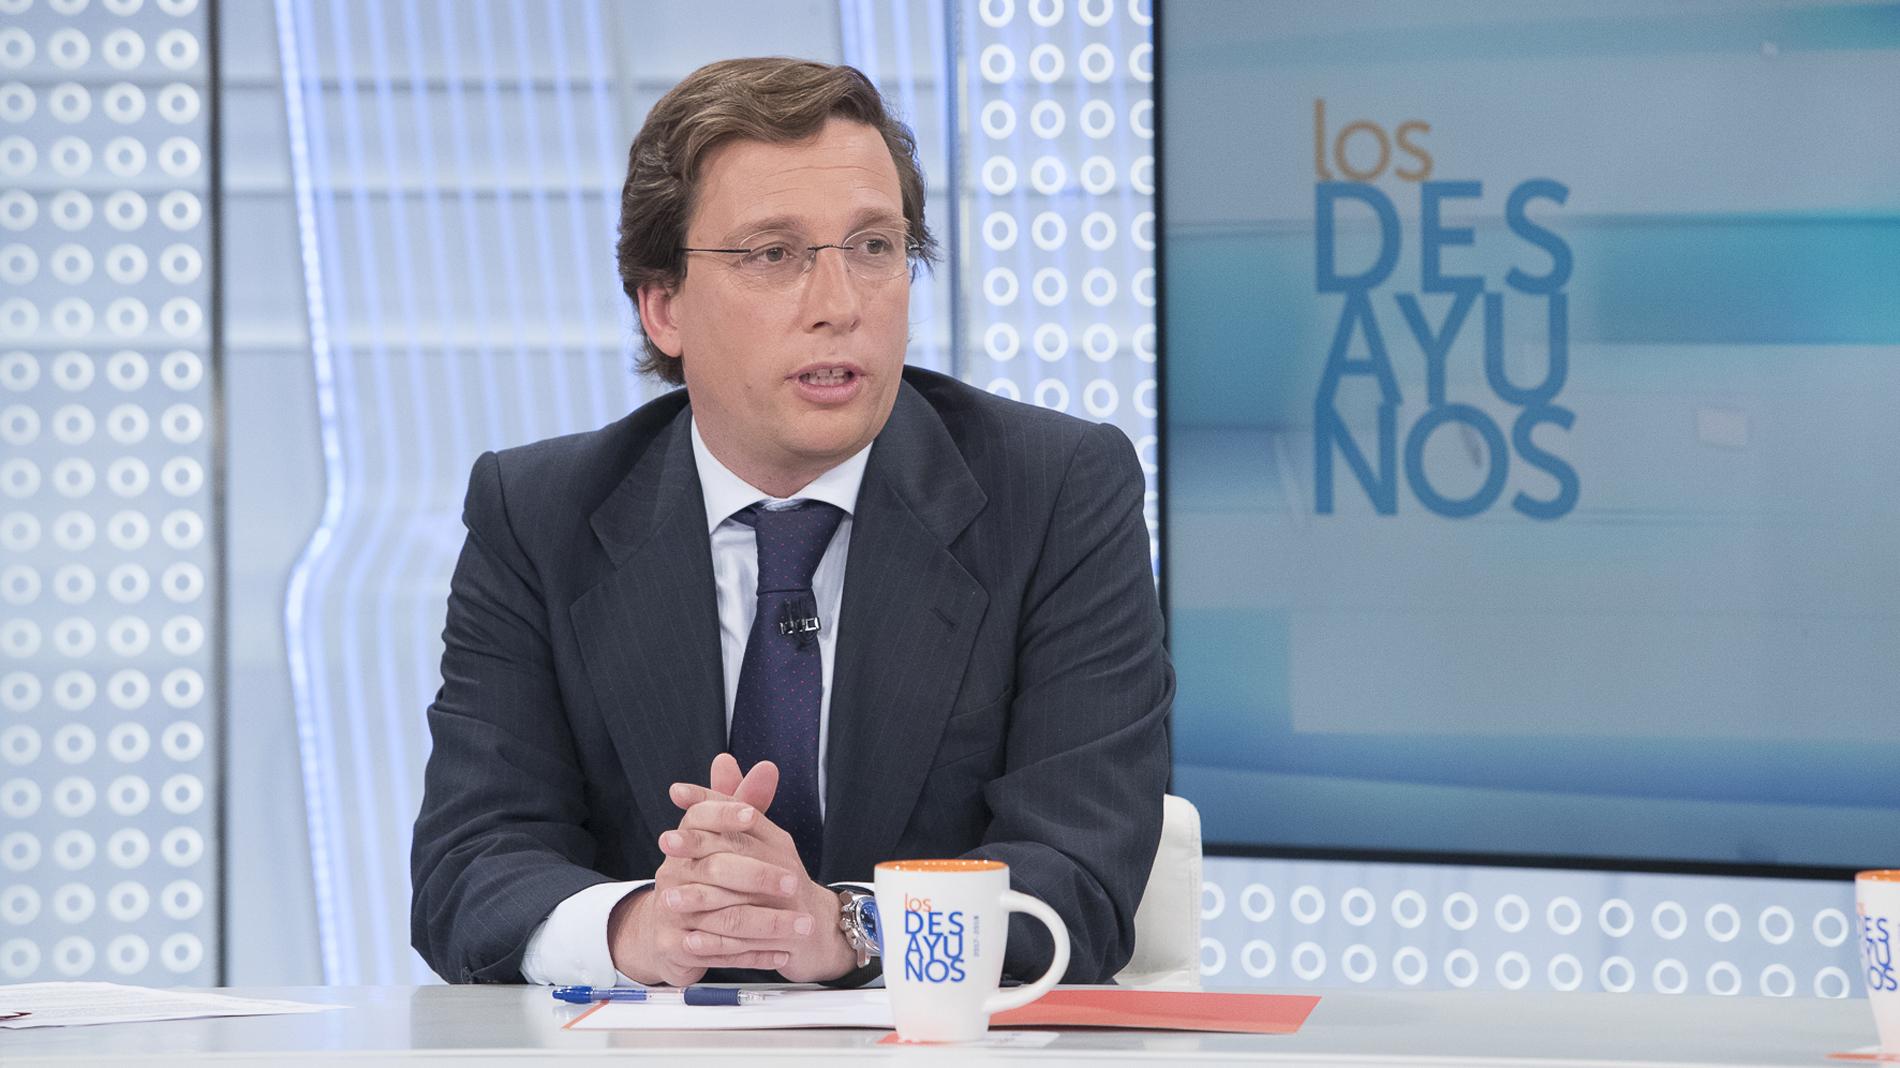 """Ir al VideoMartínez-Almeida (PP): """"Tenemos muchos problemas en la ciudad de Madrid como para hablar de candidatos"""""""